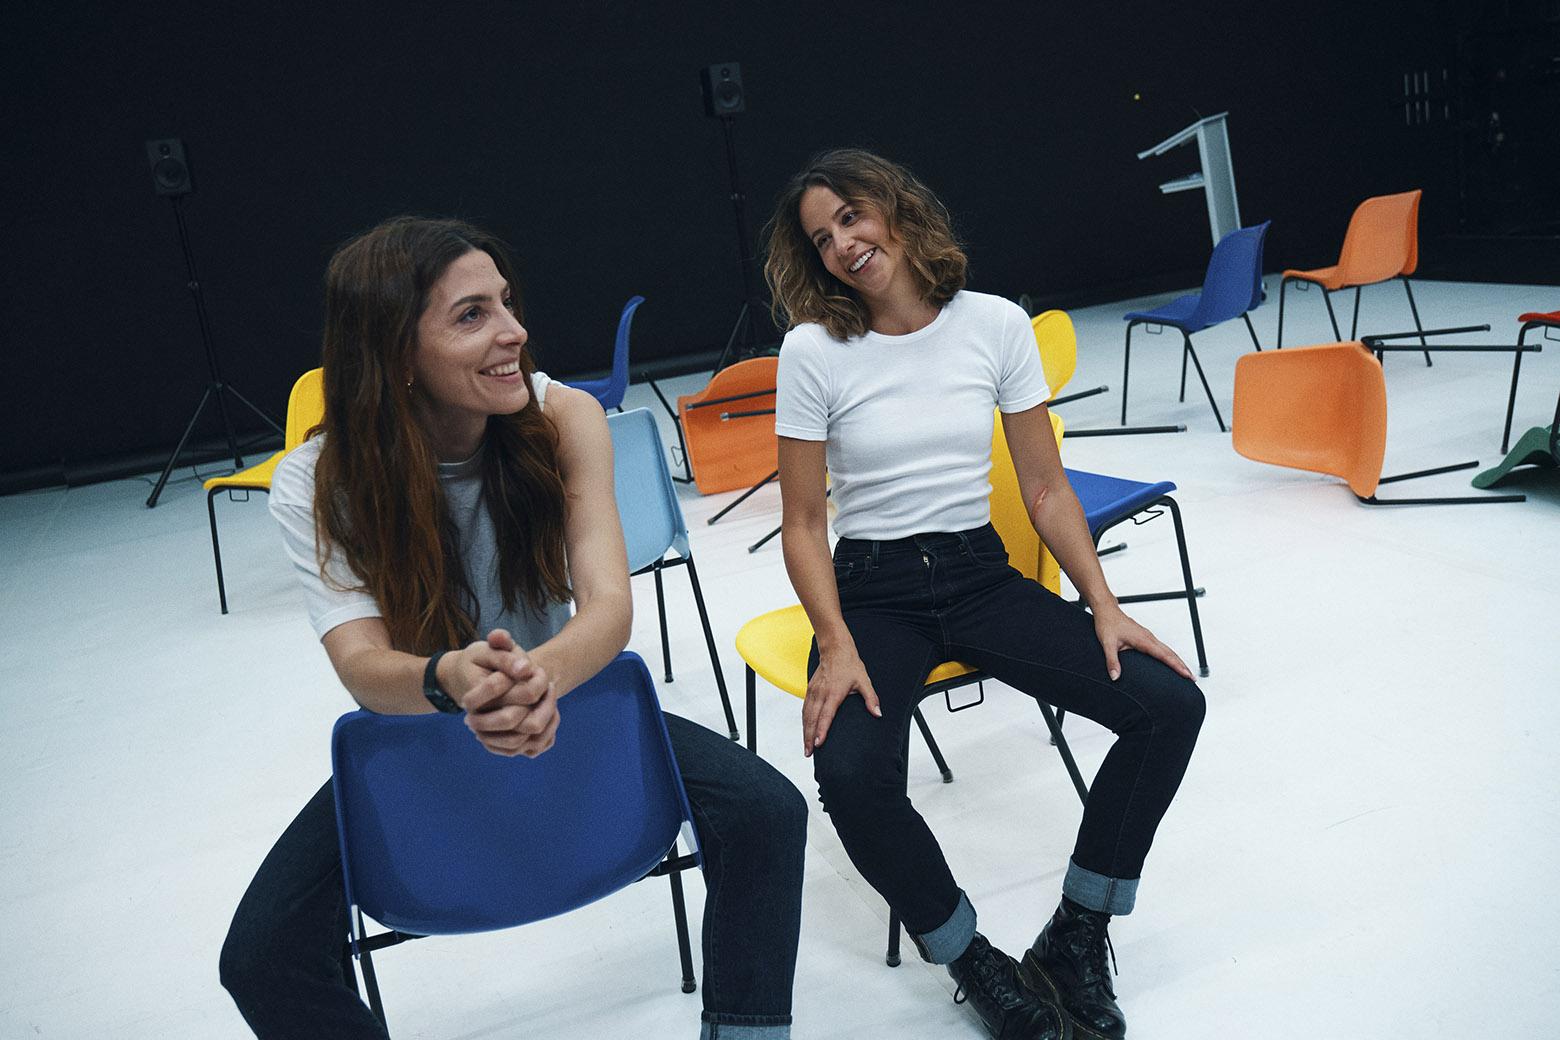 Siete largometrajes y el primer episodio de una serie conforman en el Festival de San Sebastián la muestra Made in Spain